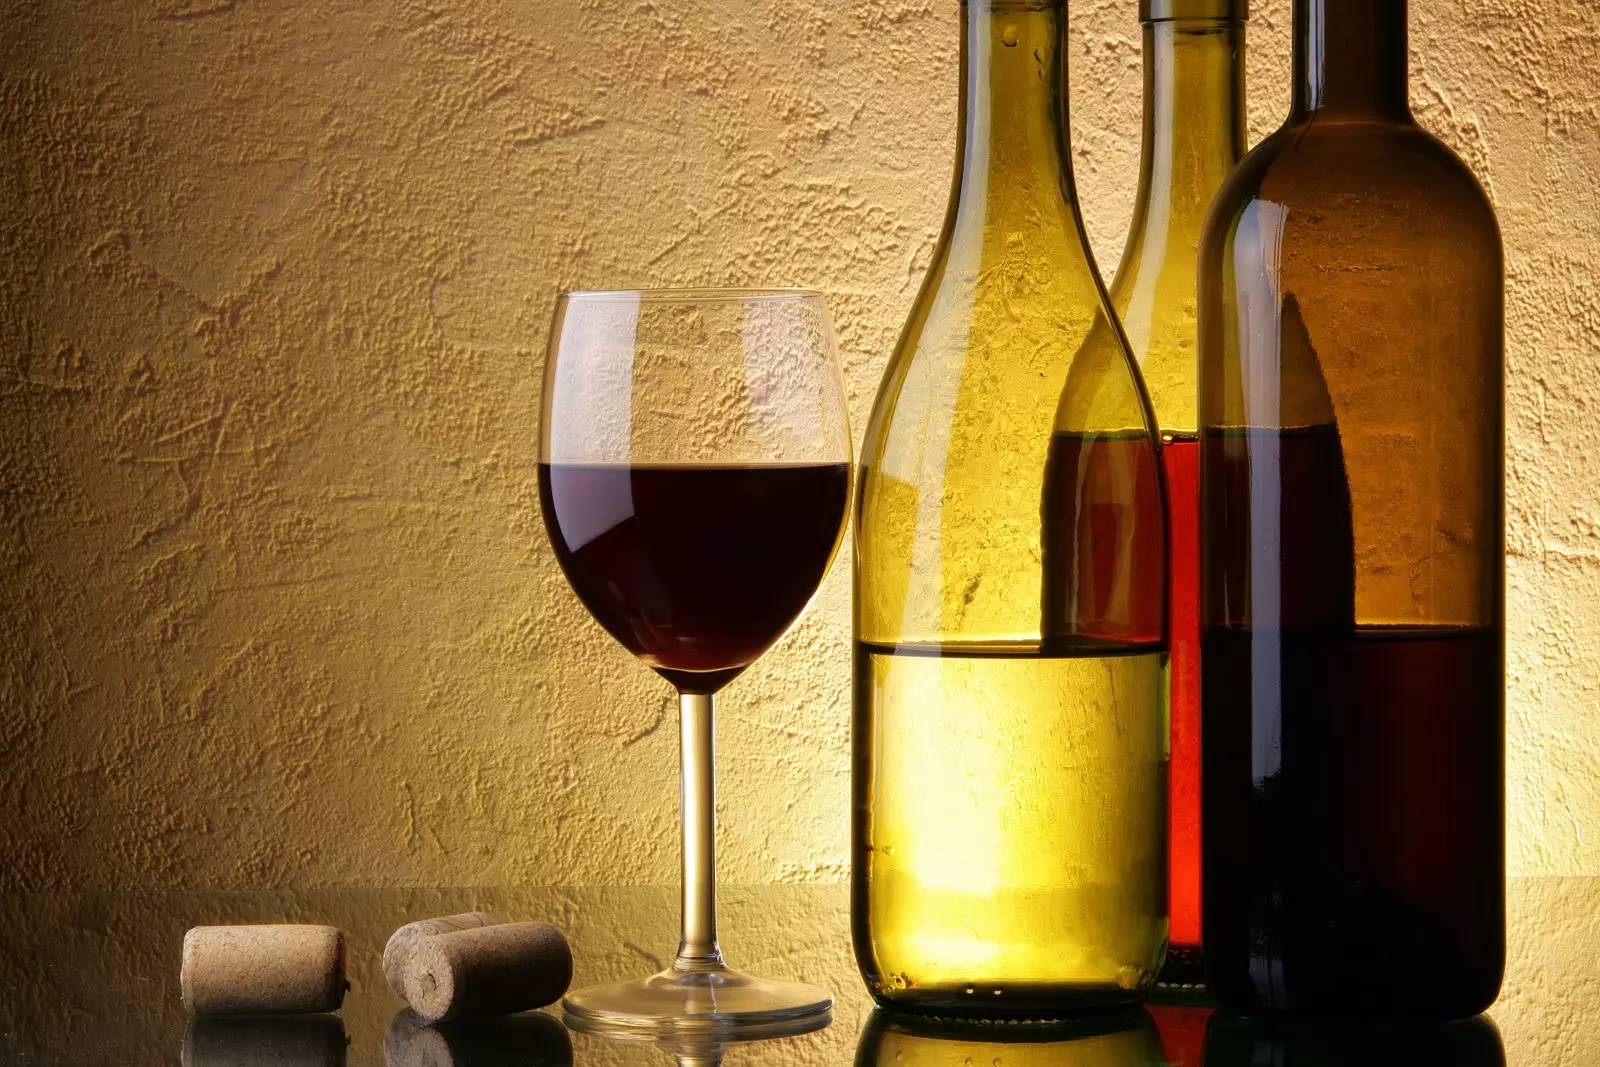 关键还是政策好   零关税开启智利葡萄酒畅销